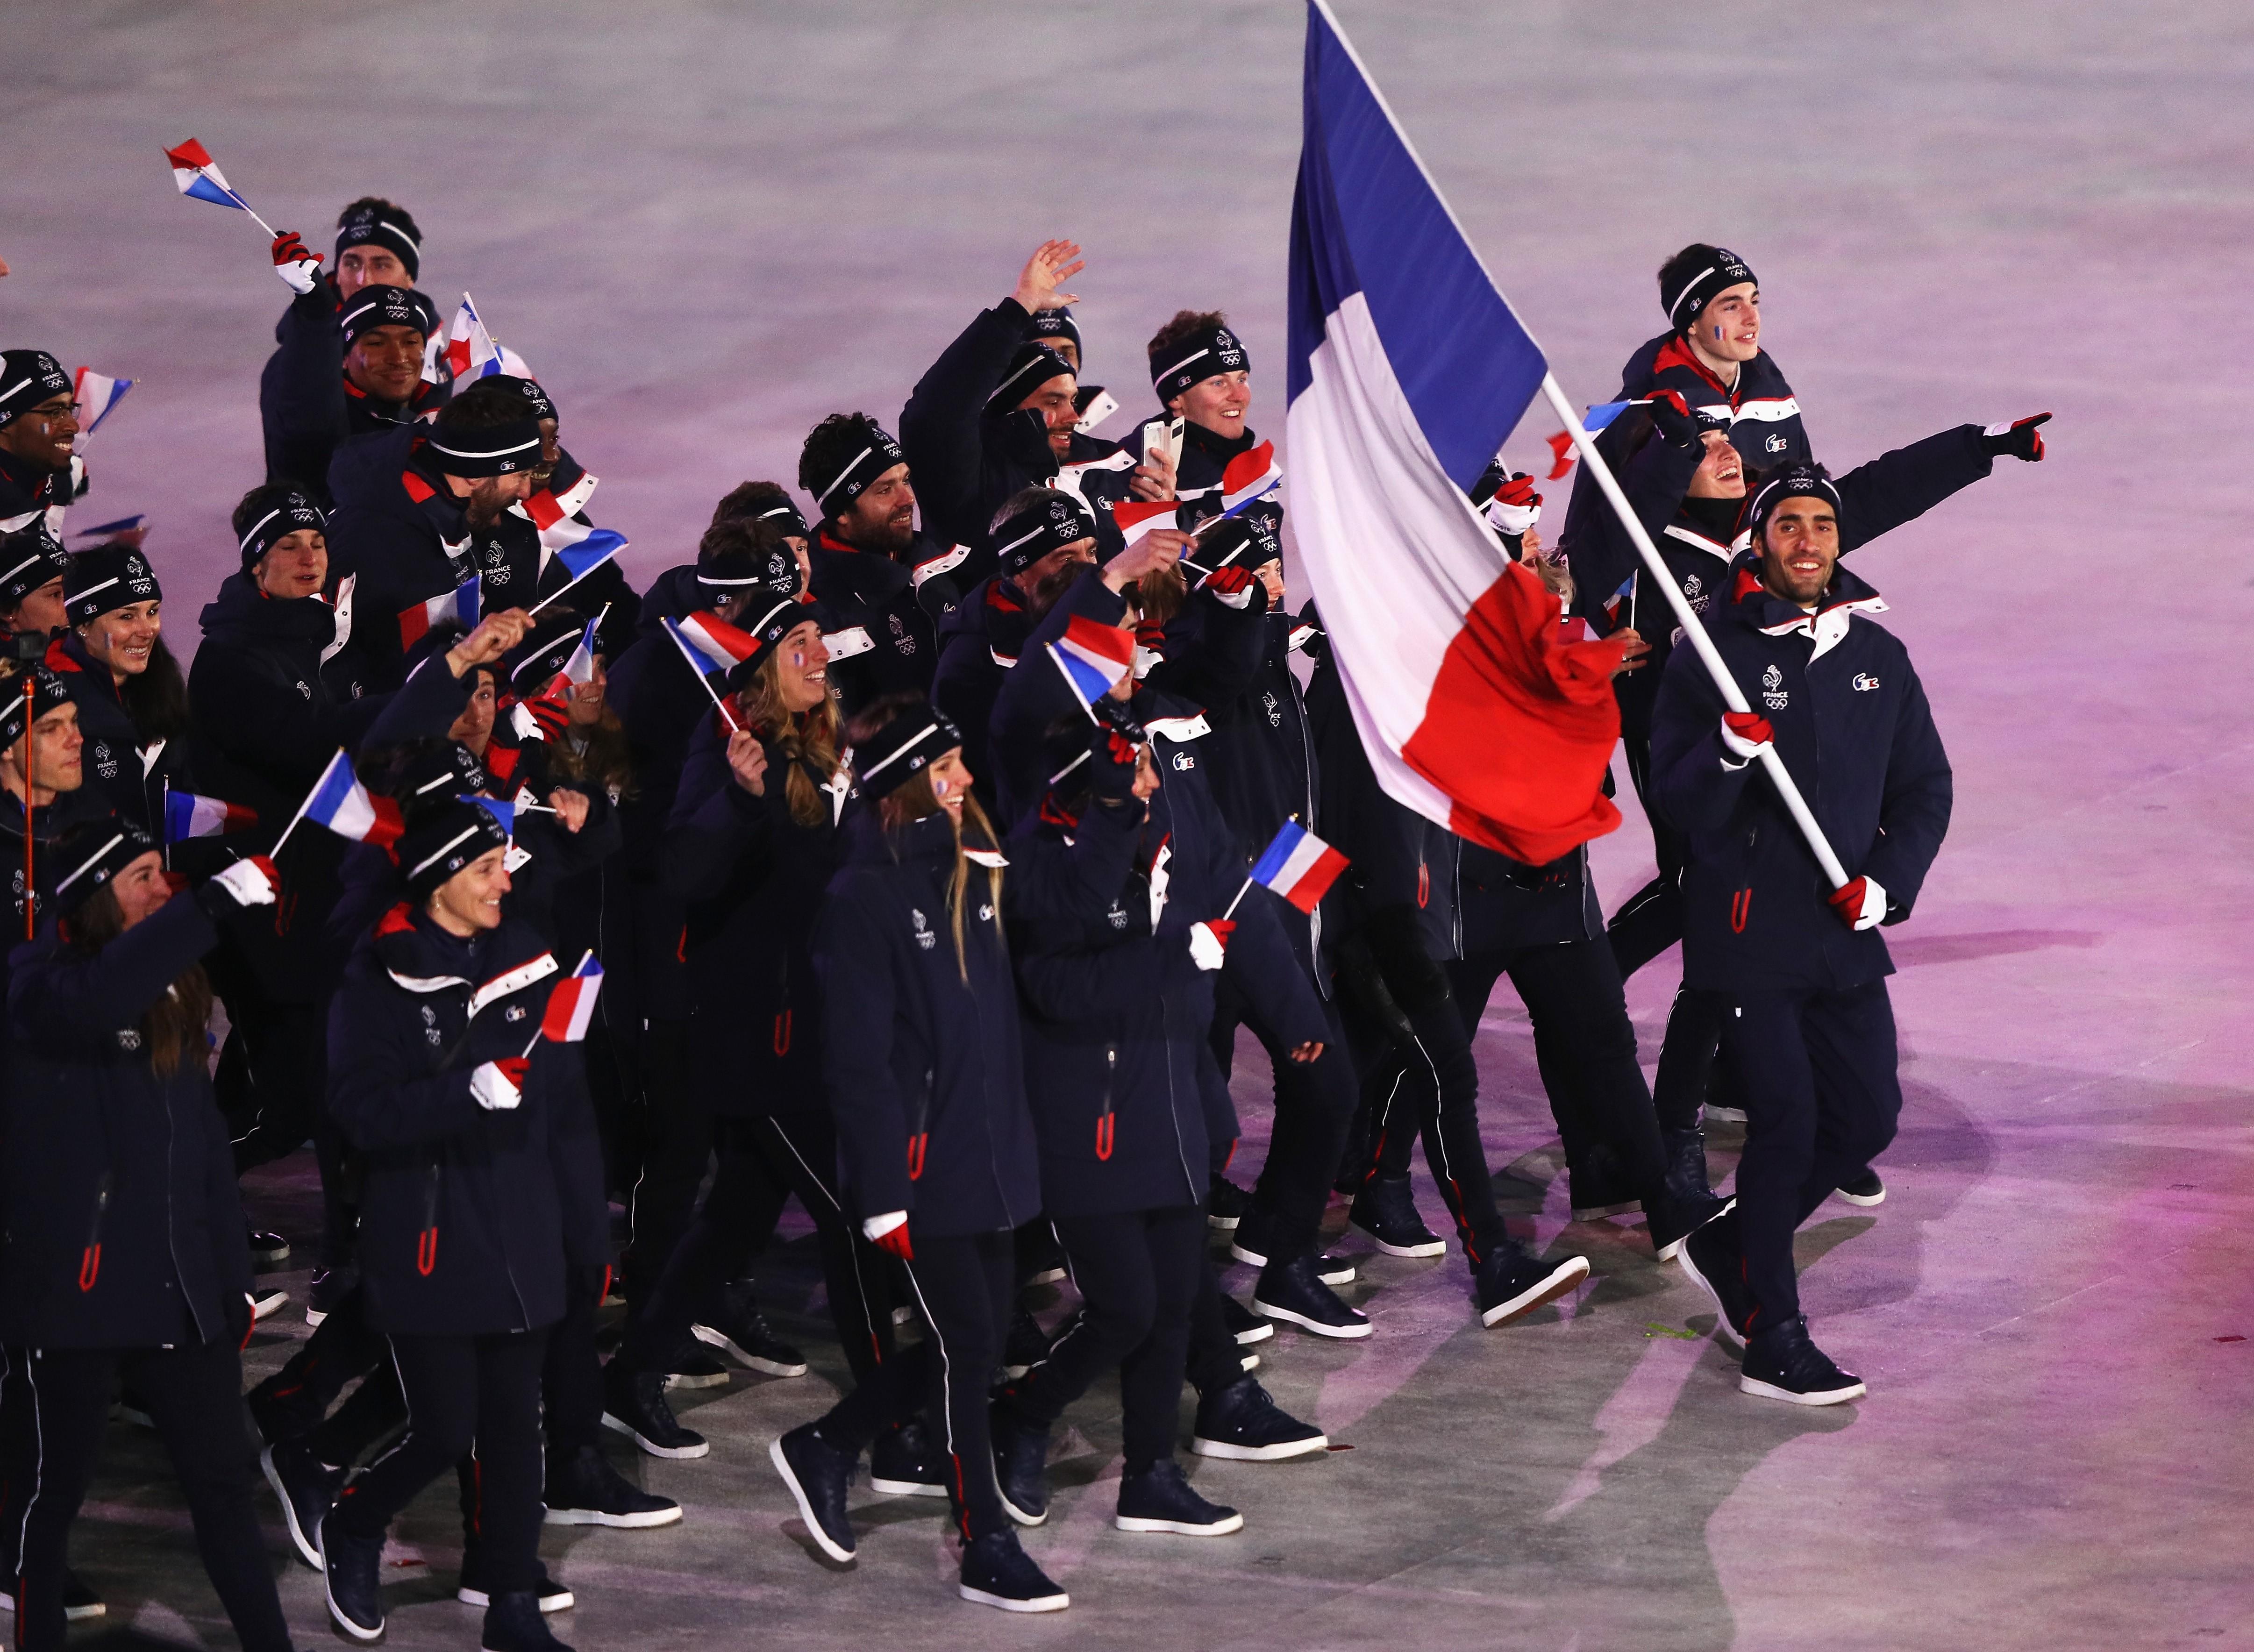 Martin Fourcade et la délégation française lors des JO de Pyeongchang